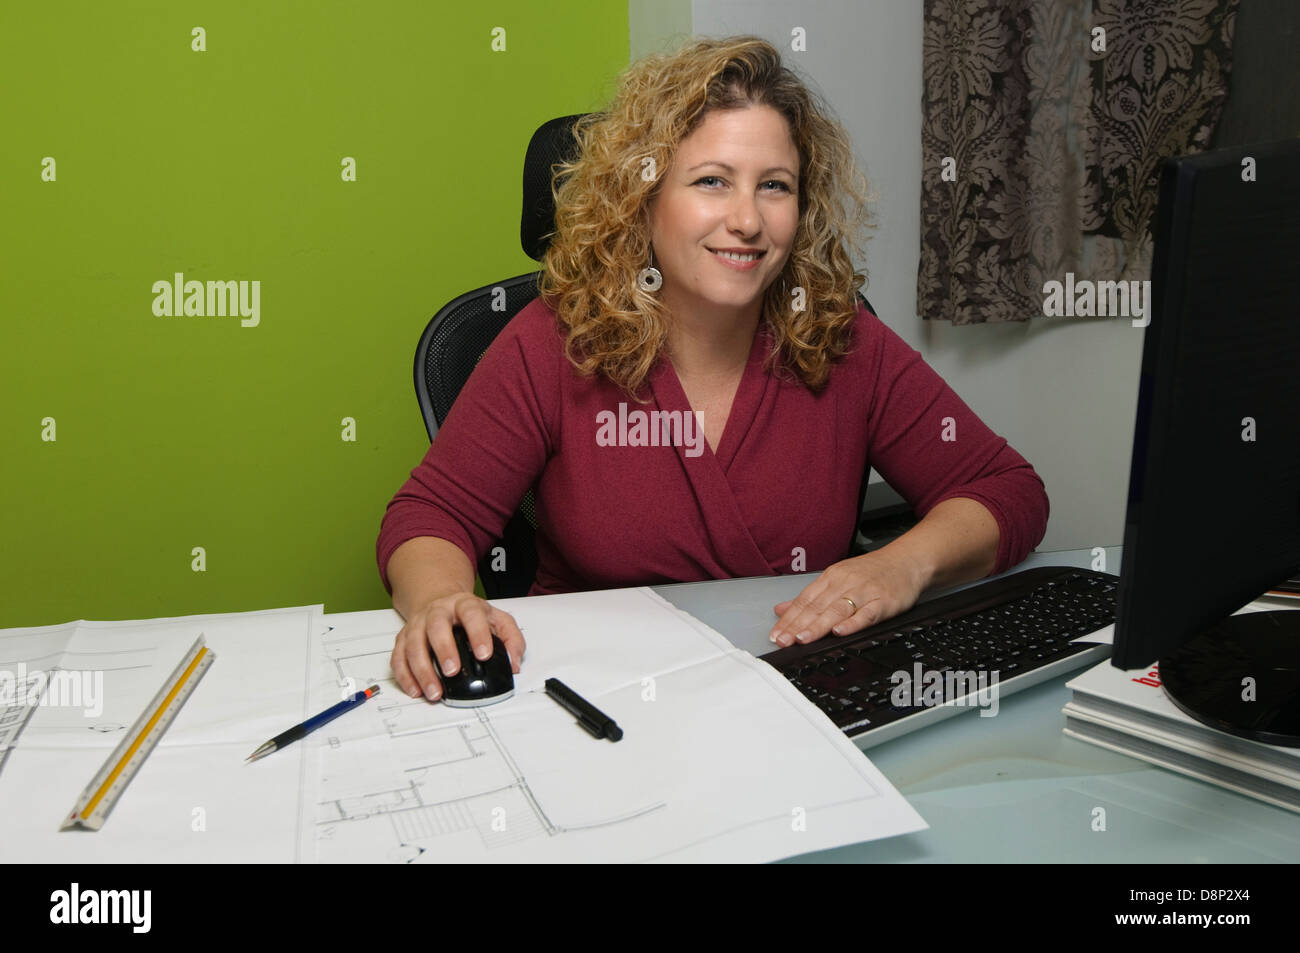 Architektin arbeitet auf ihrem Computer beizusteuern blau Drucke und Zeichner Skala Lineal Stockbild